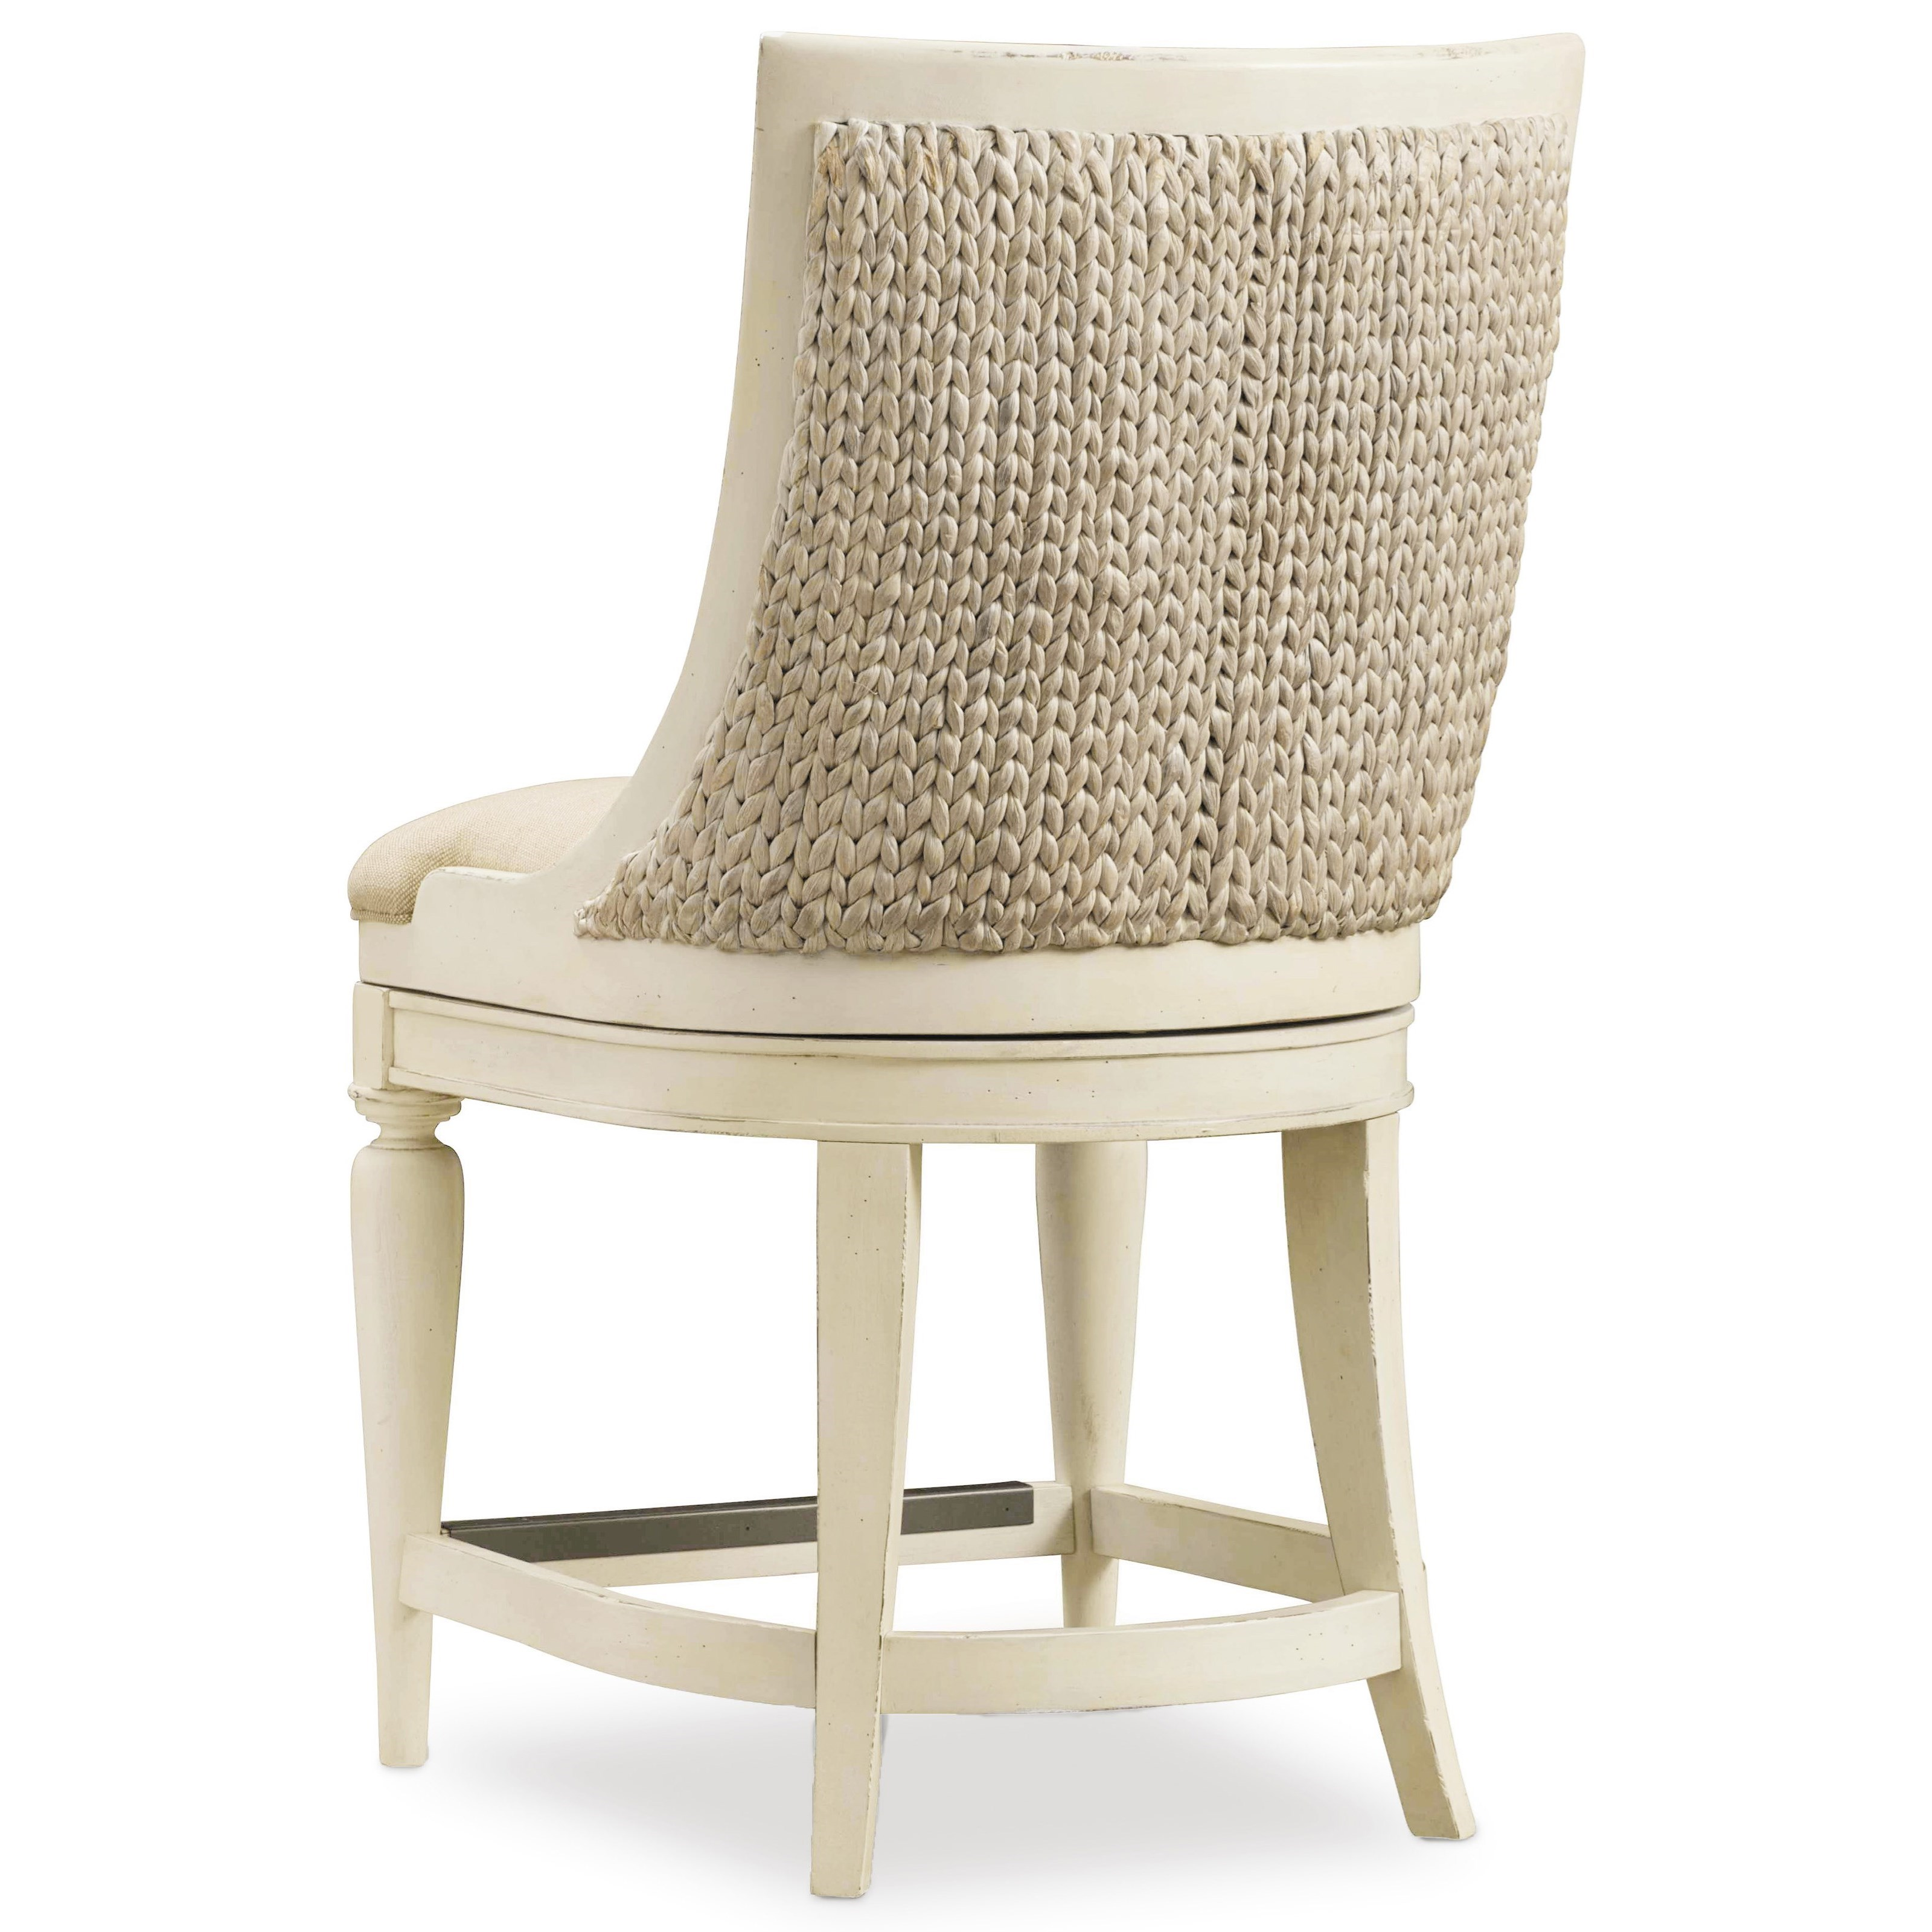 Hooker Furniture Sandcastle 5900 25350 Wh Upholstered